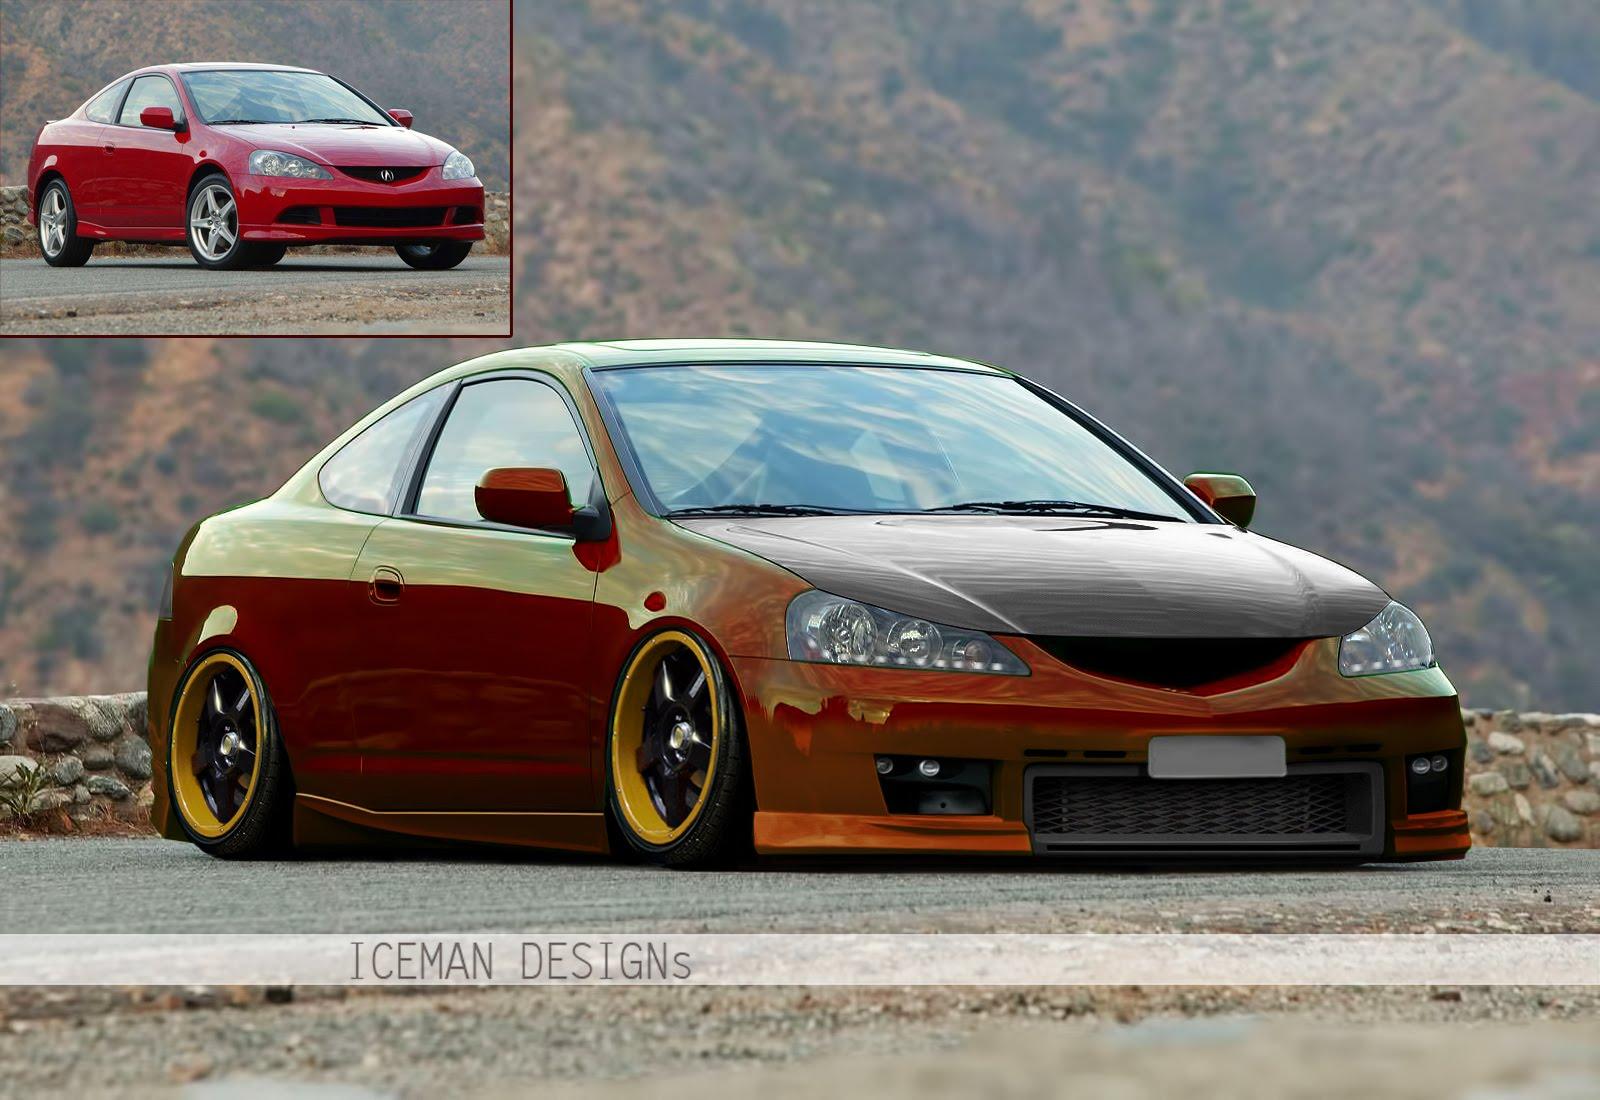 ҉IcemanGraphics®҉: Acura RSX Type-S By Iceman